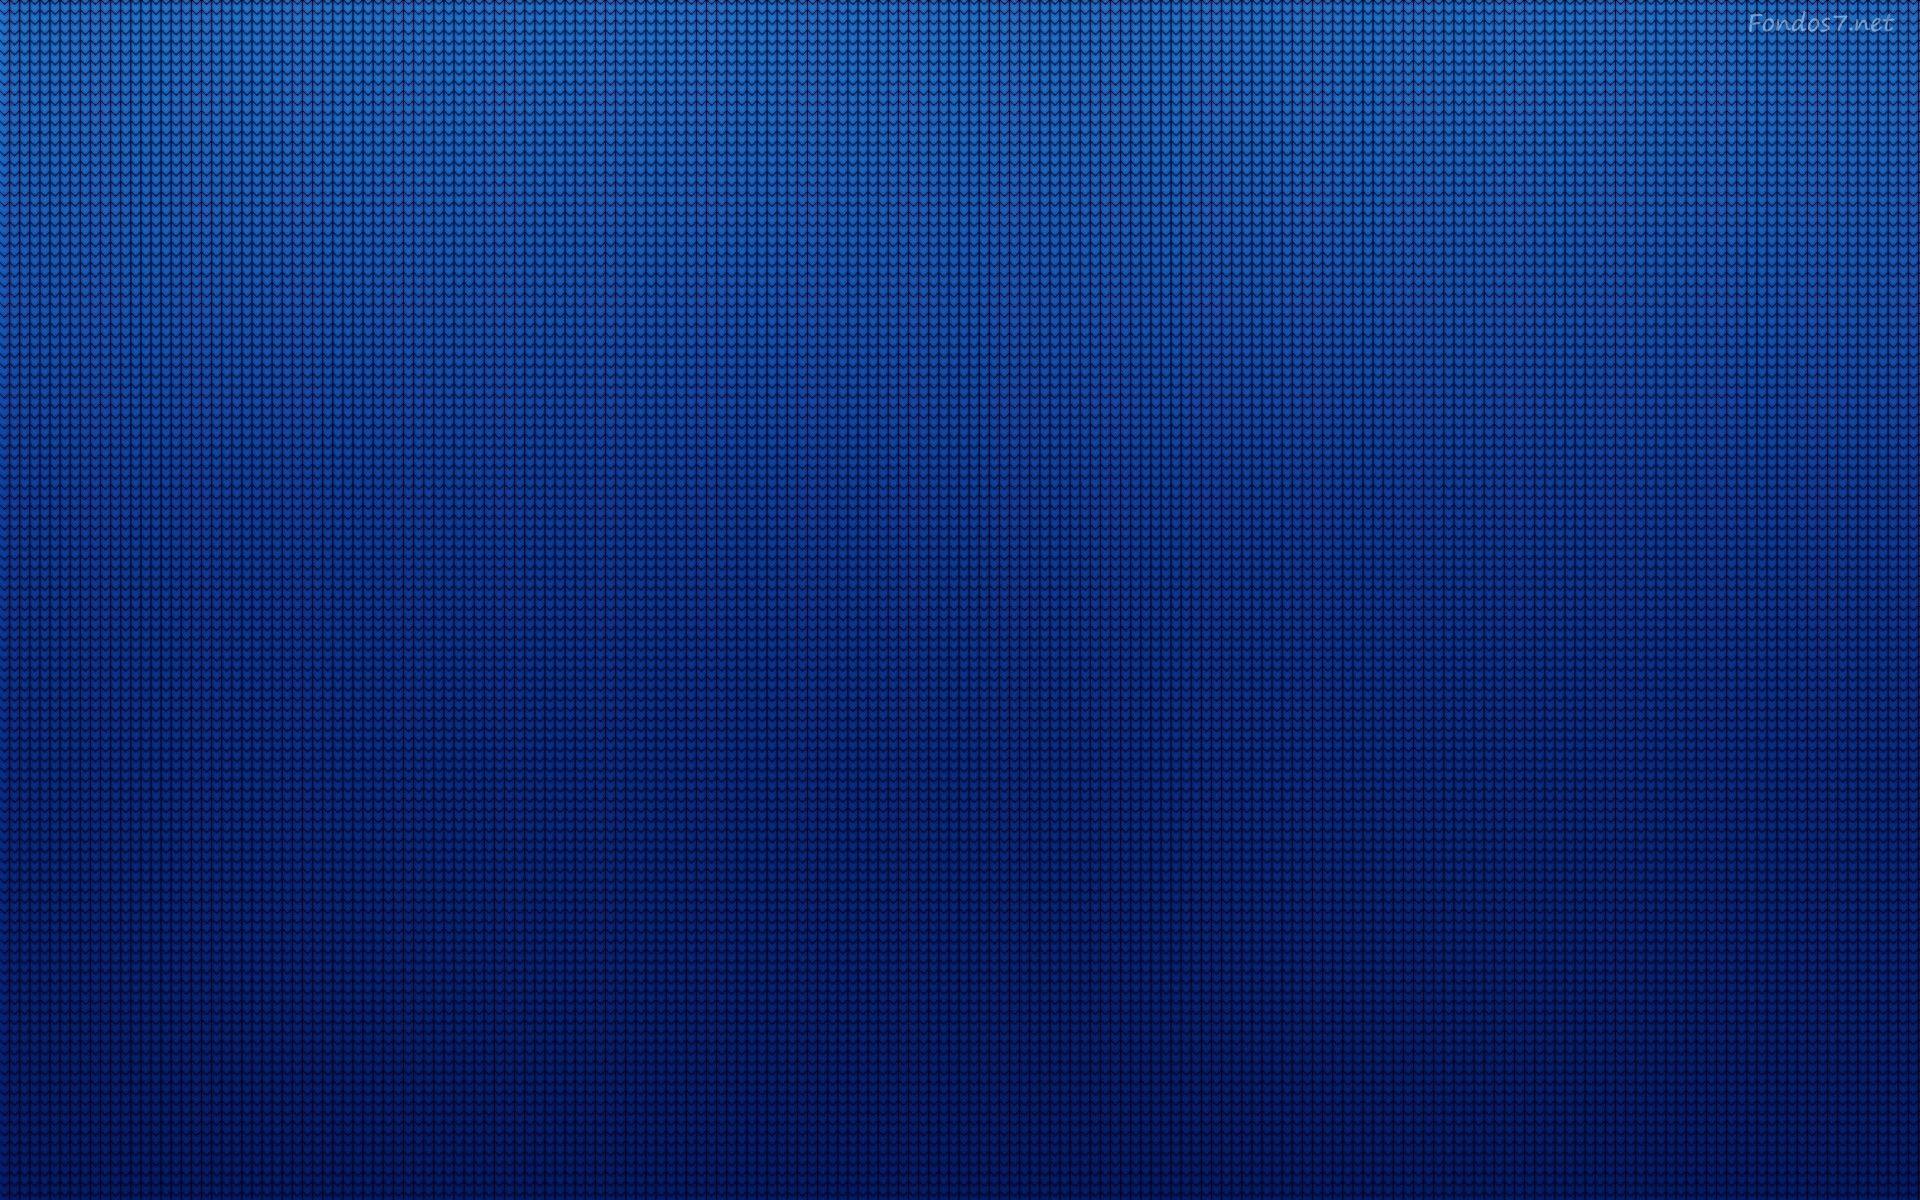 Texturas de puntos azules 1920 1200 texturas - Colores azules para paredes ...